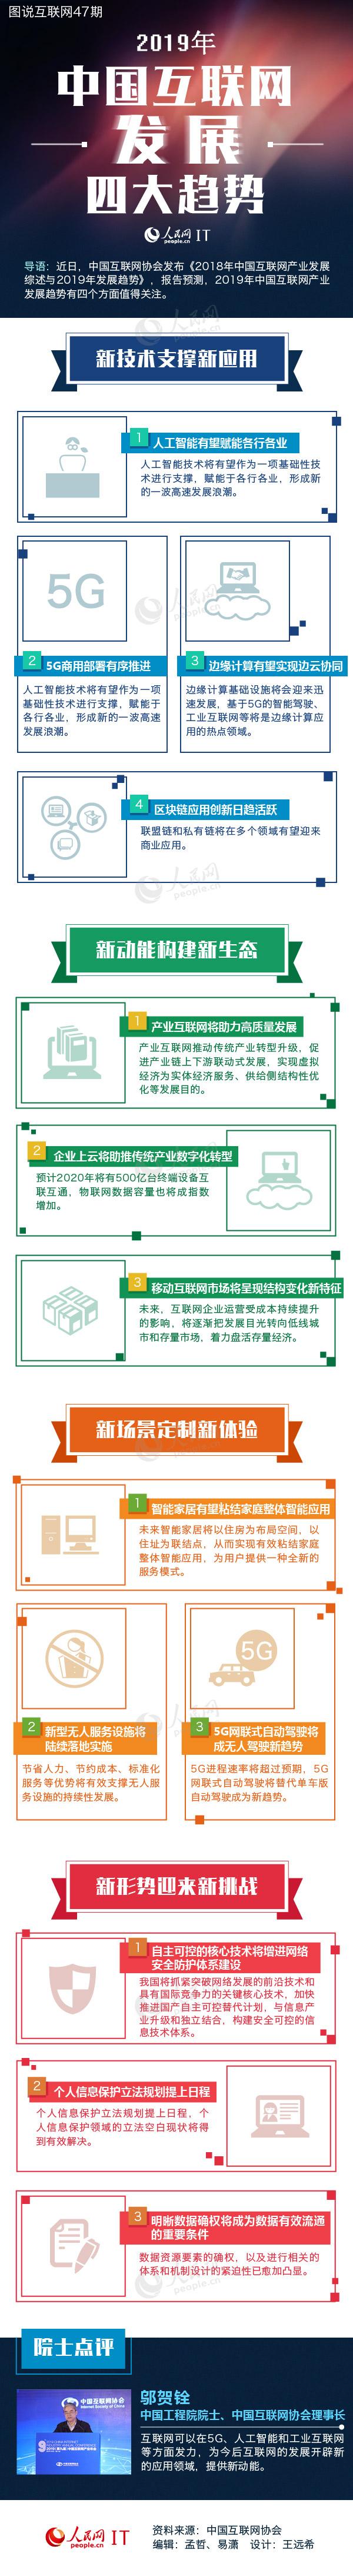 图说互联网(47期):2019中国互联网产业发展四大趋势